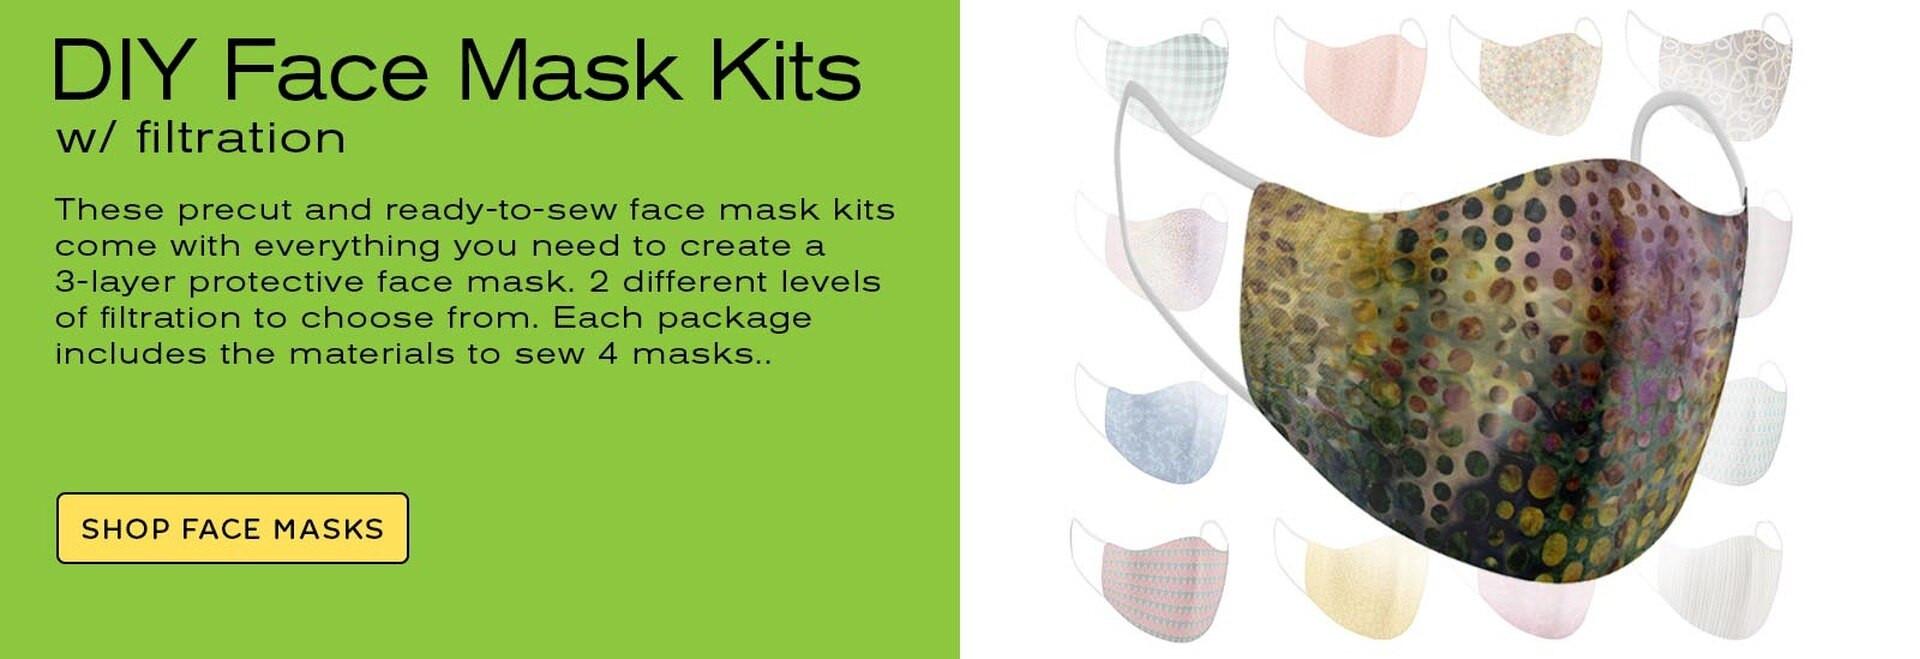 Shop Face Masks Banner